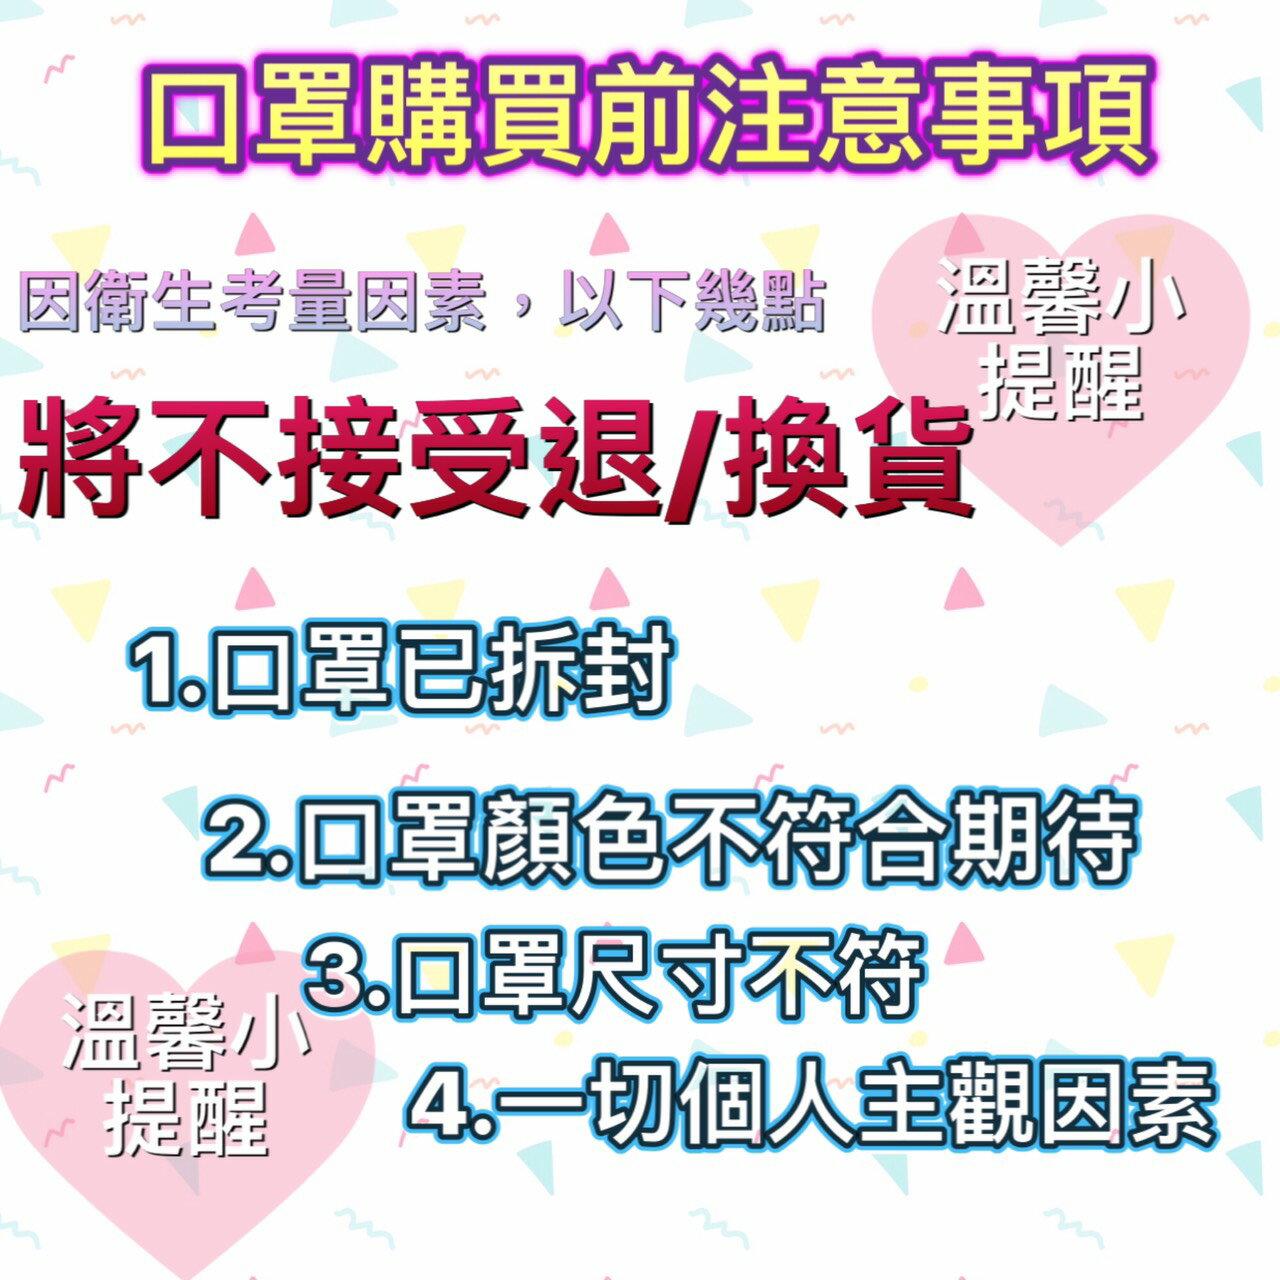 【睿昱成人】★成人醫療口罩 ★平面★台灣製造 ★撞色系列★MD雙鋼印